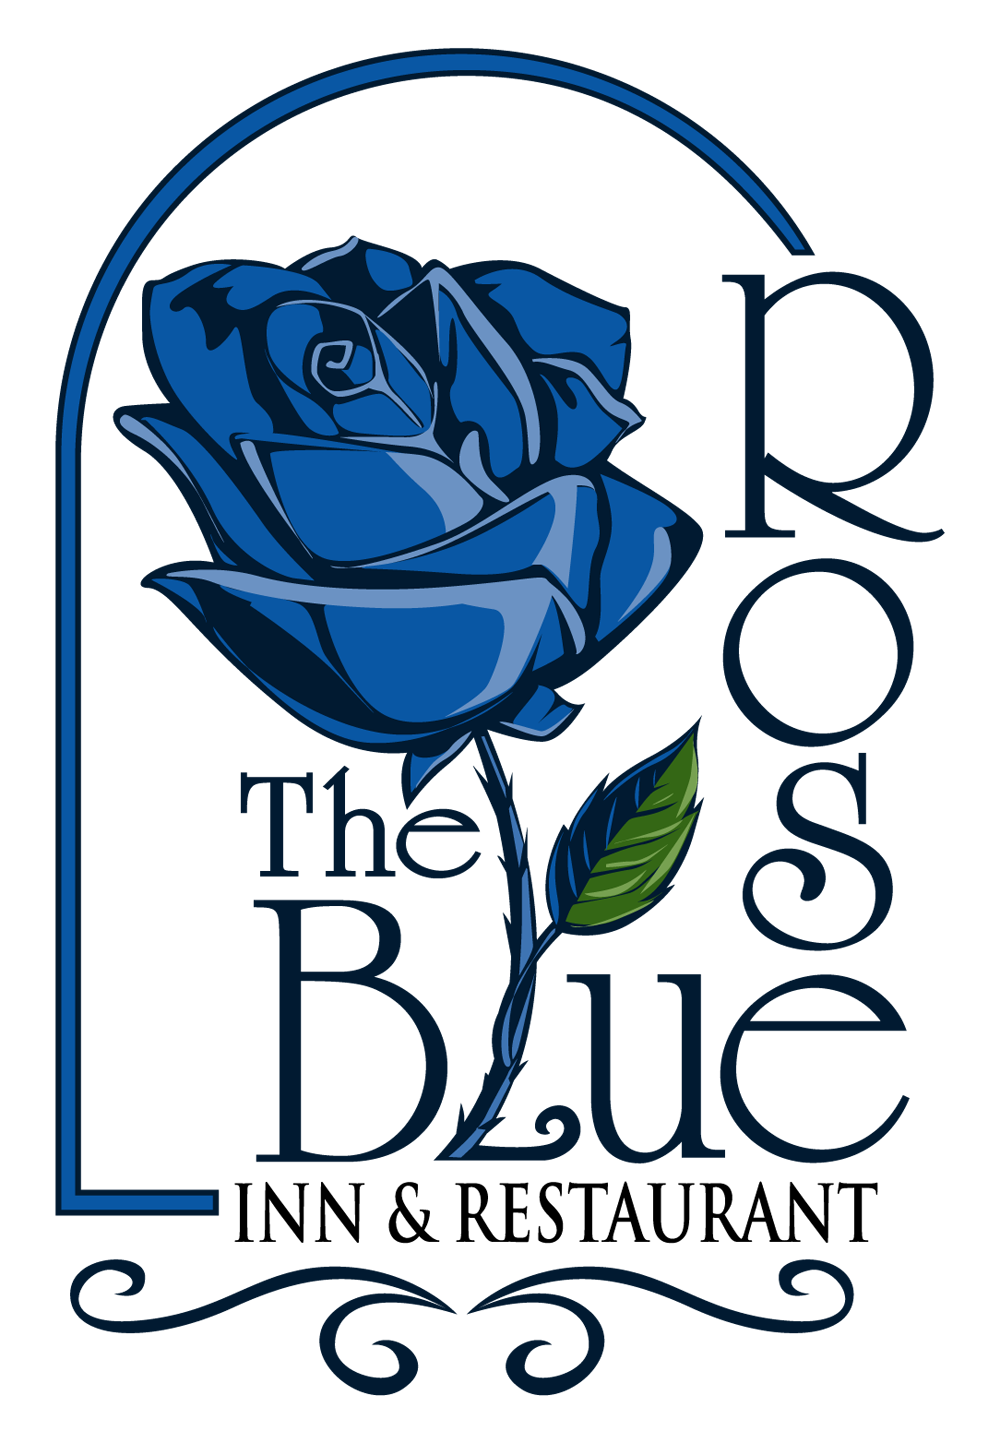 The blue rose inn. Clipart restaurant restaurant review